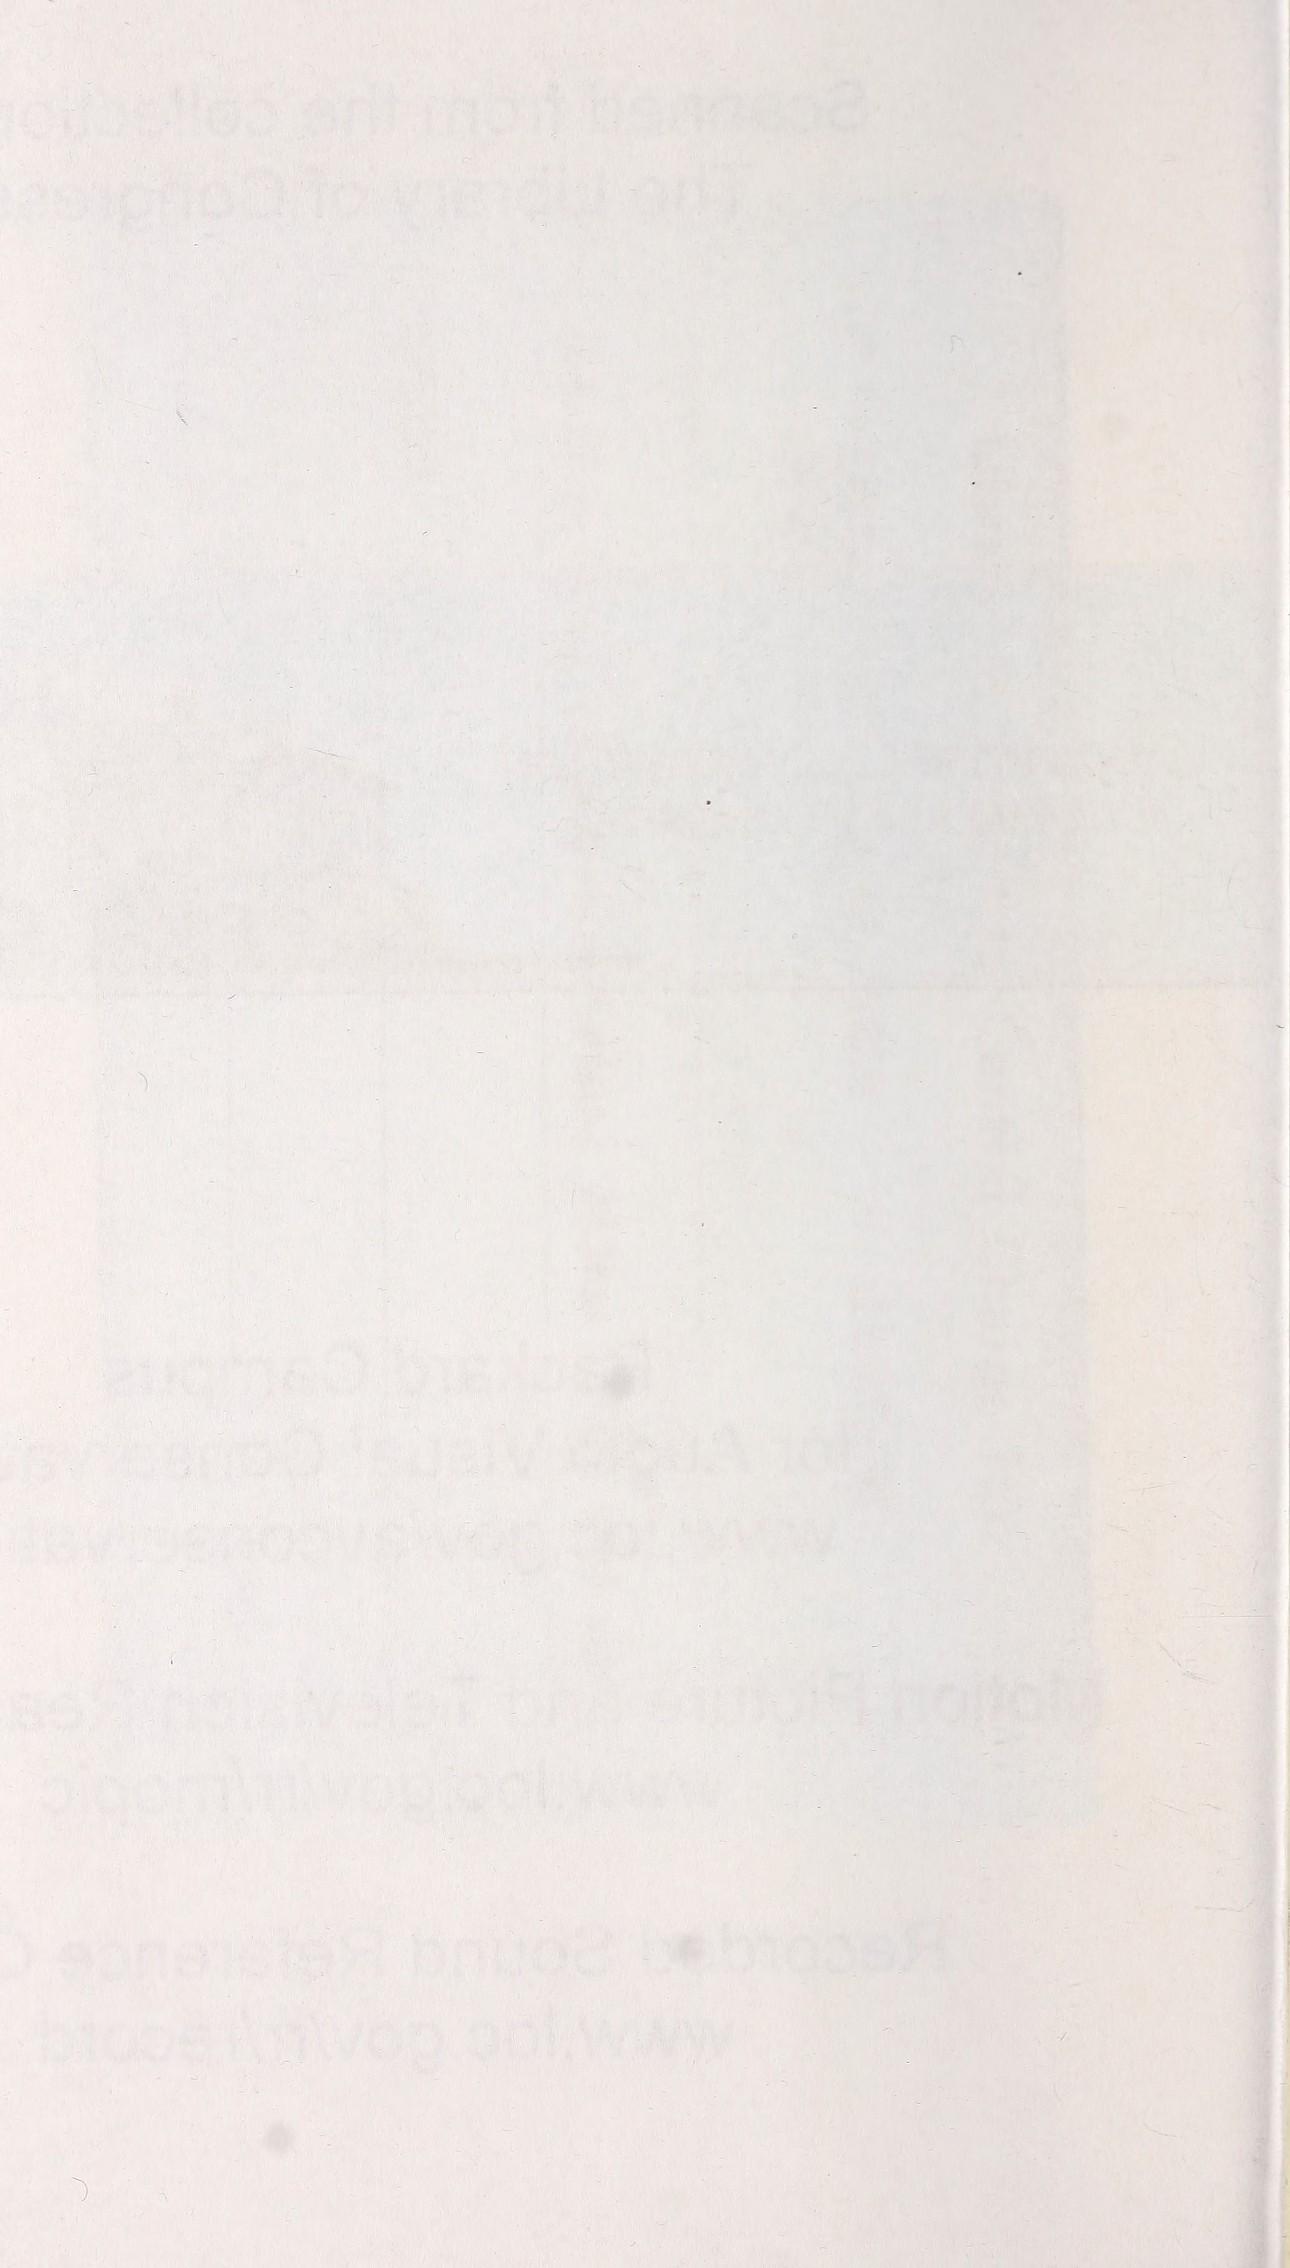 1000onethebluebo00unse_1_jp2.zip&file=1000onethebluebo00unse_1_jp2%2f1000onethebluebo00unse_1_0004